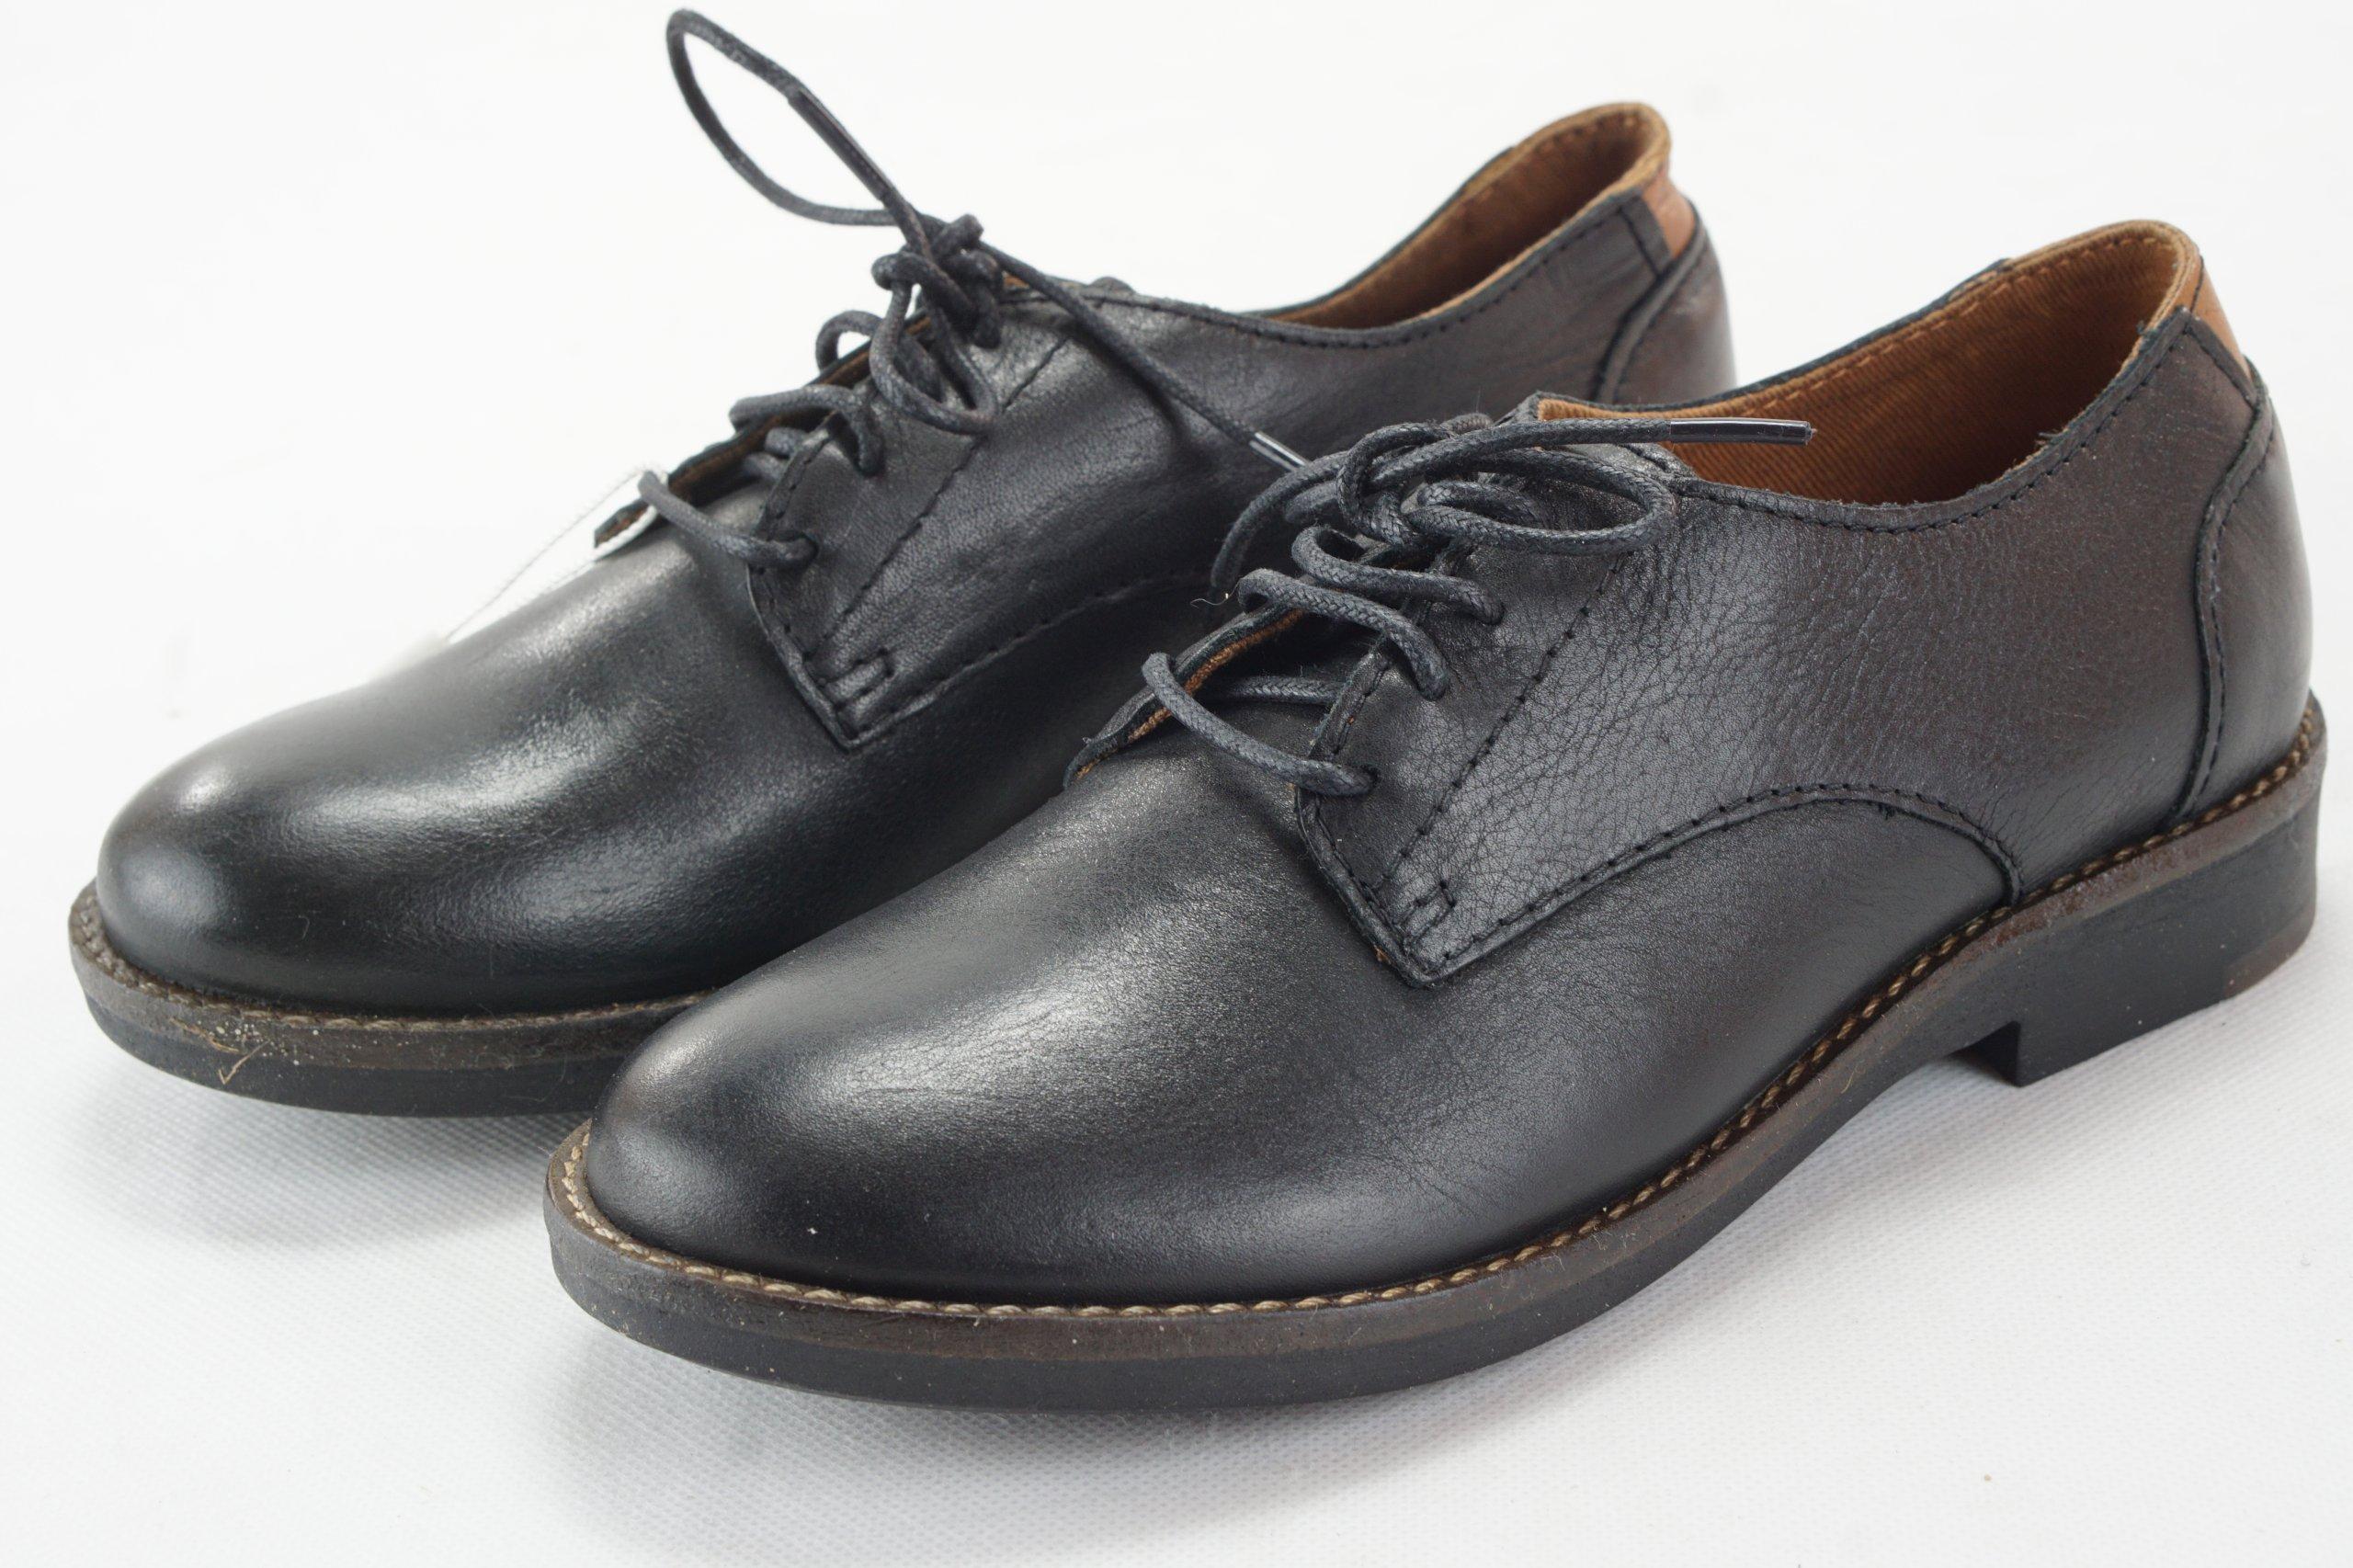 ZARA skórzane pantofle półbuty 25 (B8) 7050/003